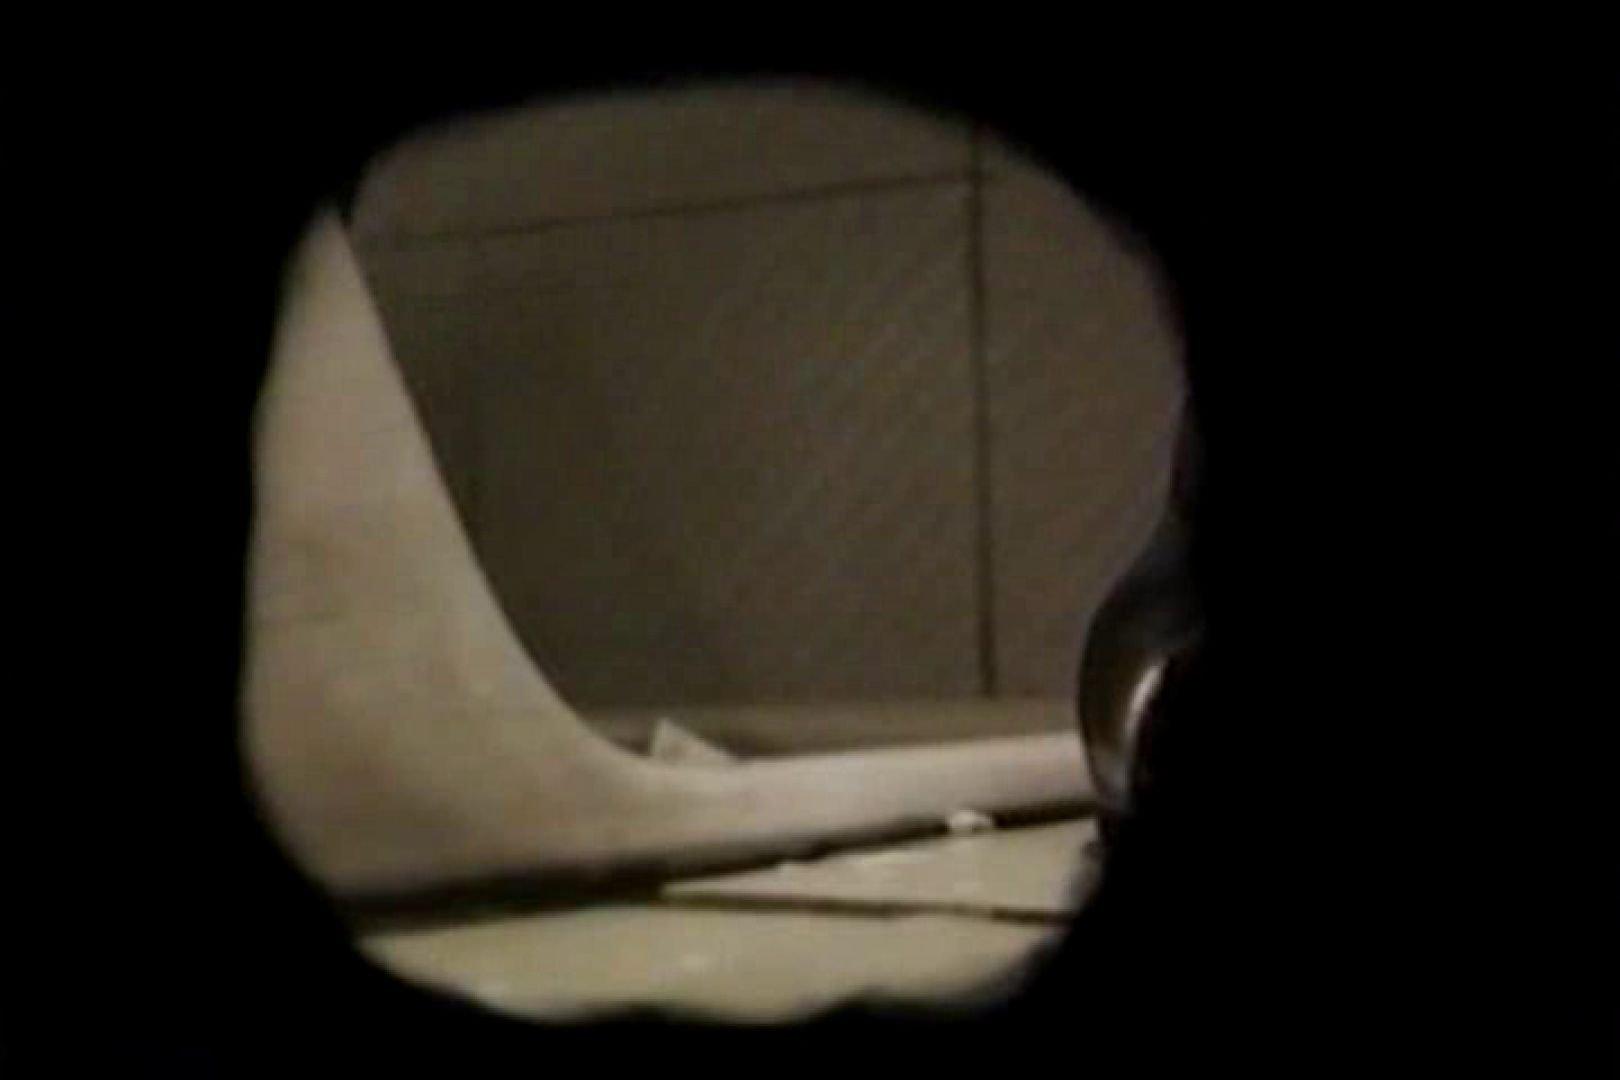 盗撮 女子洗面所3ヶ所入ってしゃがんで音出して 洗面所 オマンコ無修正動画無料 109連発 59